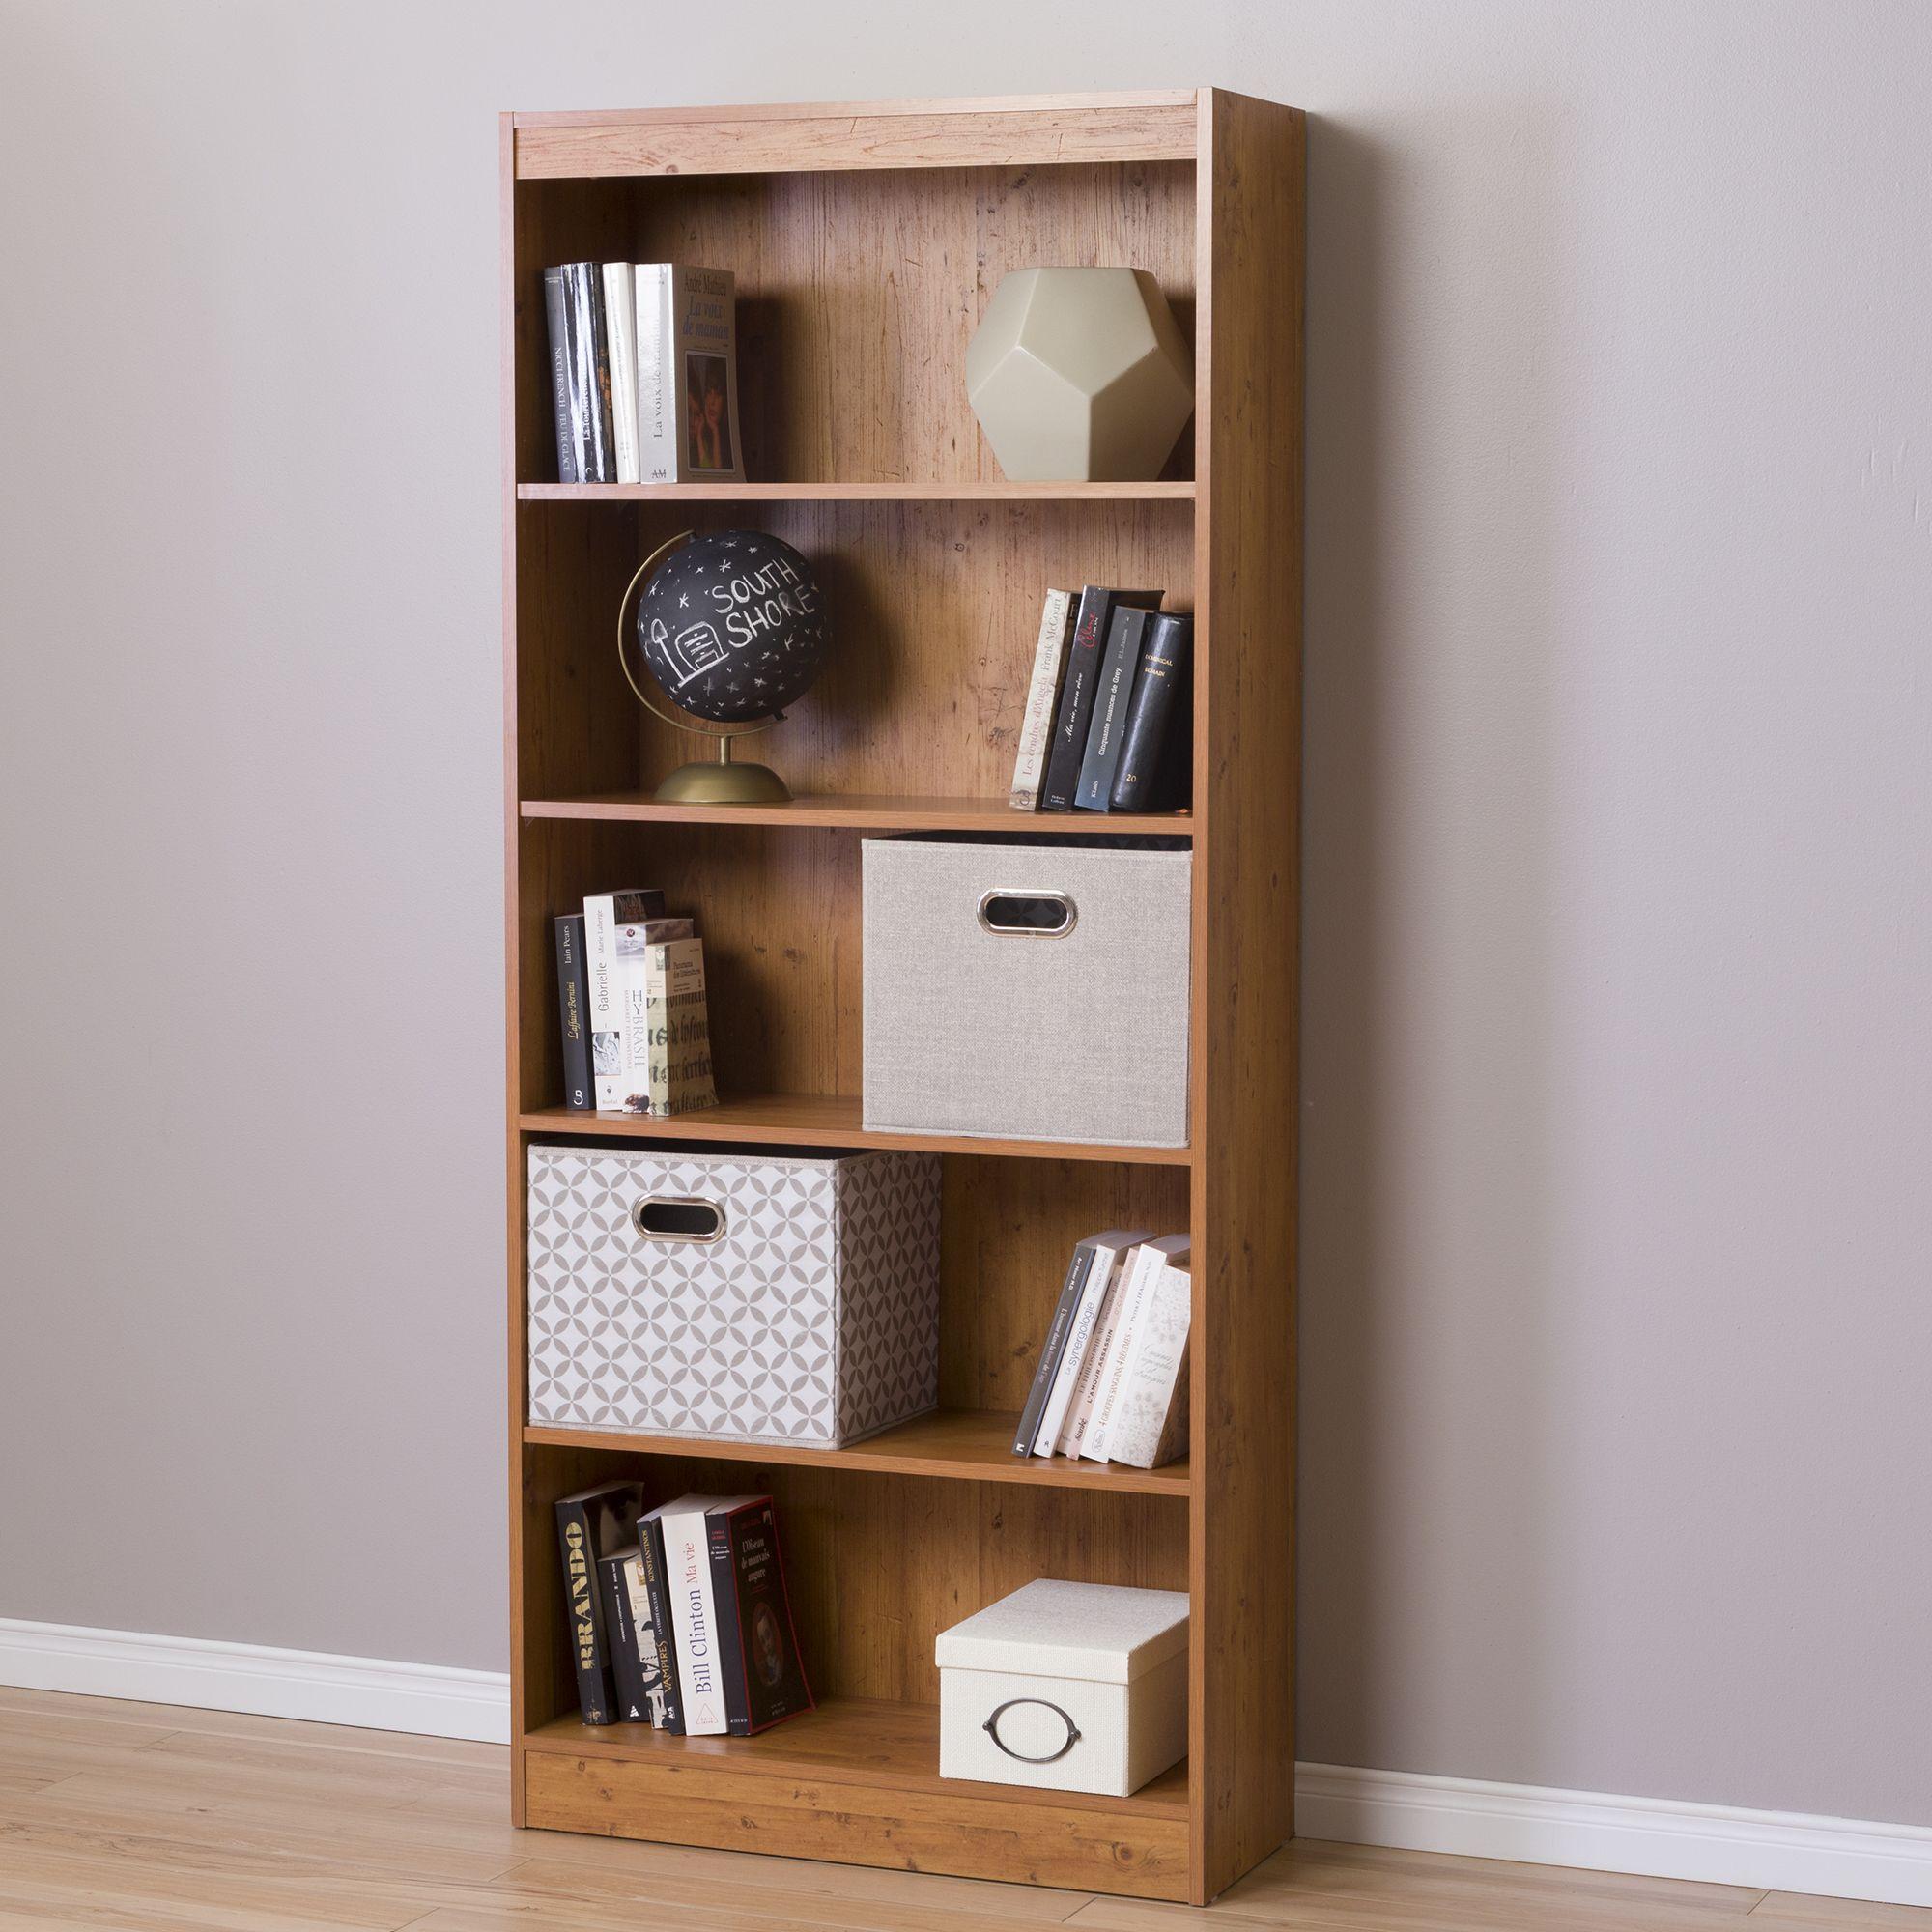 Nebraska furniture mart · otros cuartos · almacenaje de oficina ikea hackear south shore axess 5 shelf bookcase country pine orange estanterías